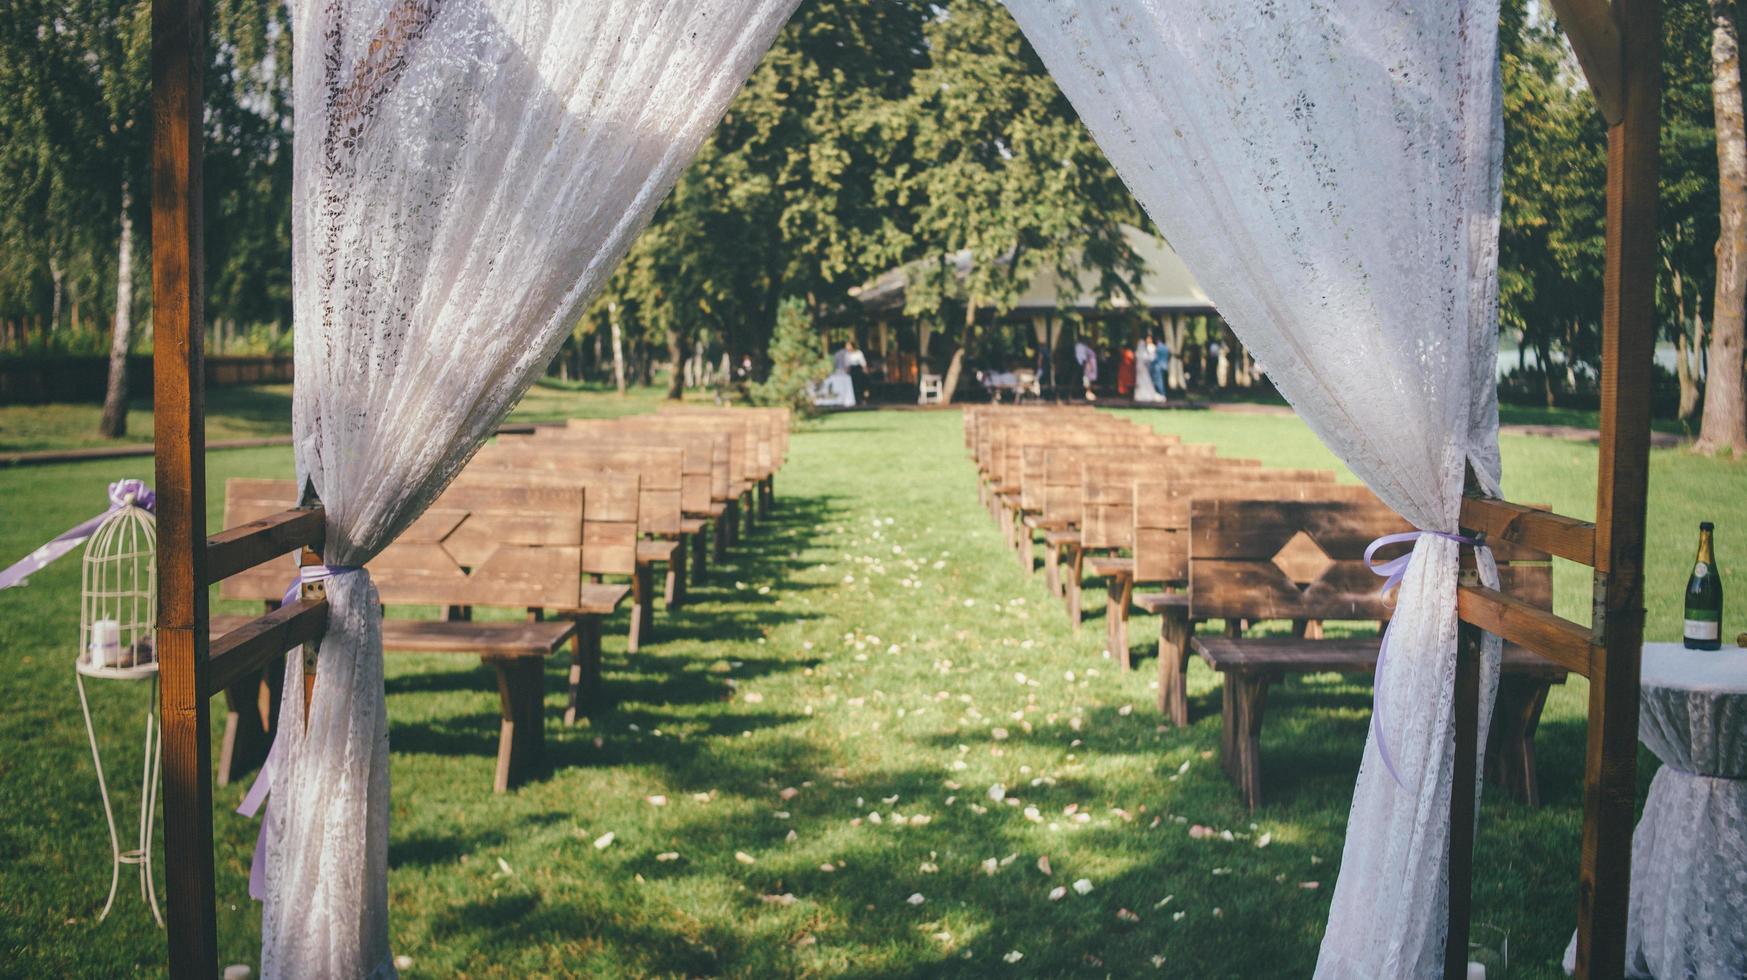 arche de mariage avec fête de mariage en arrière-plan photo